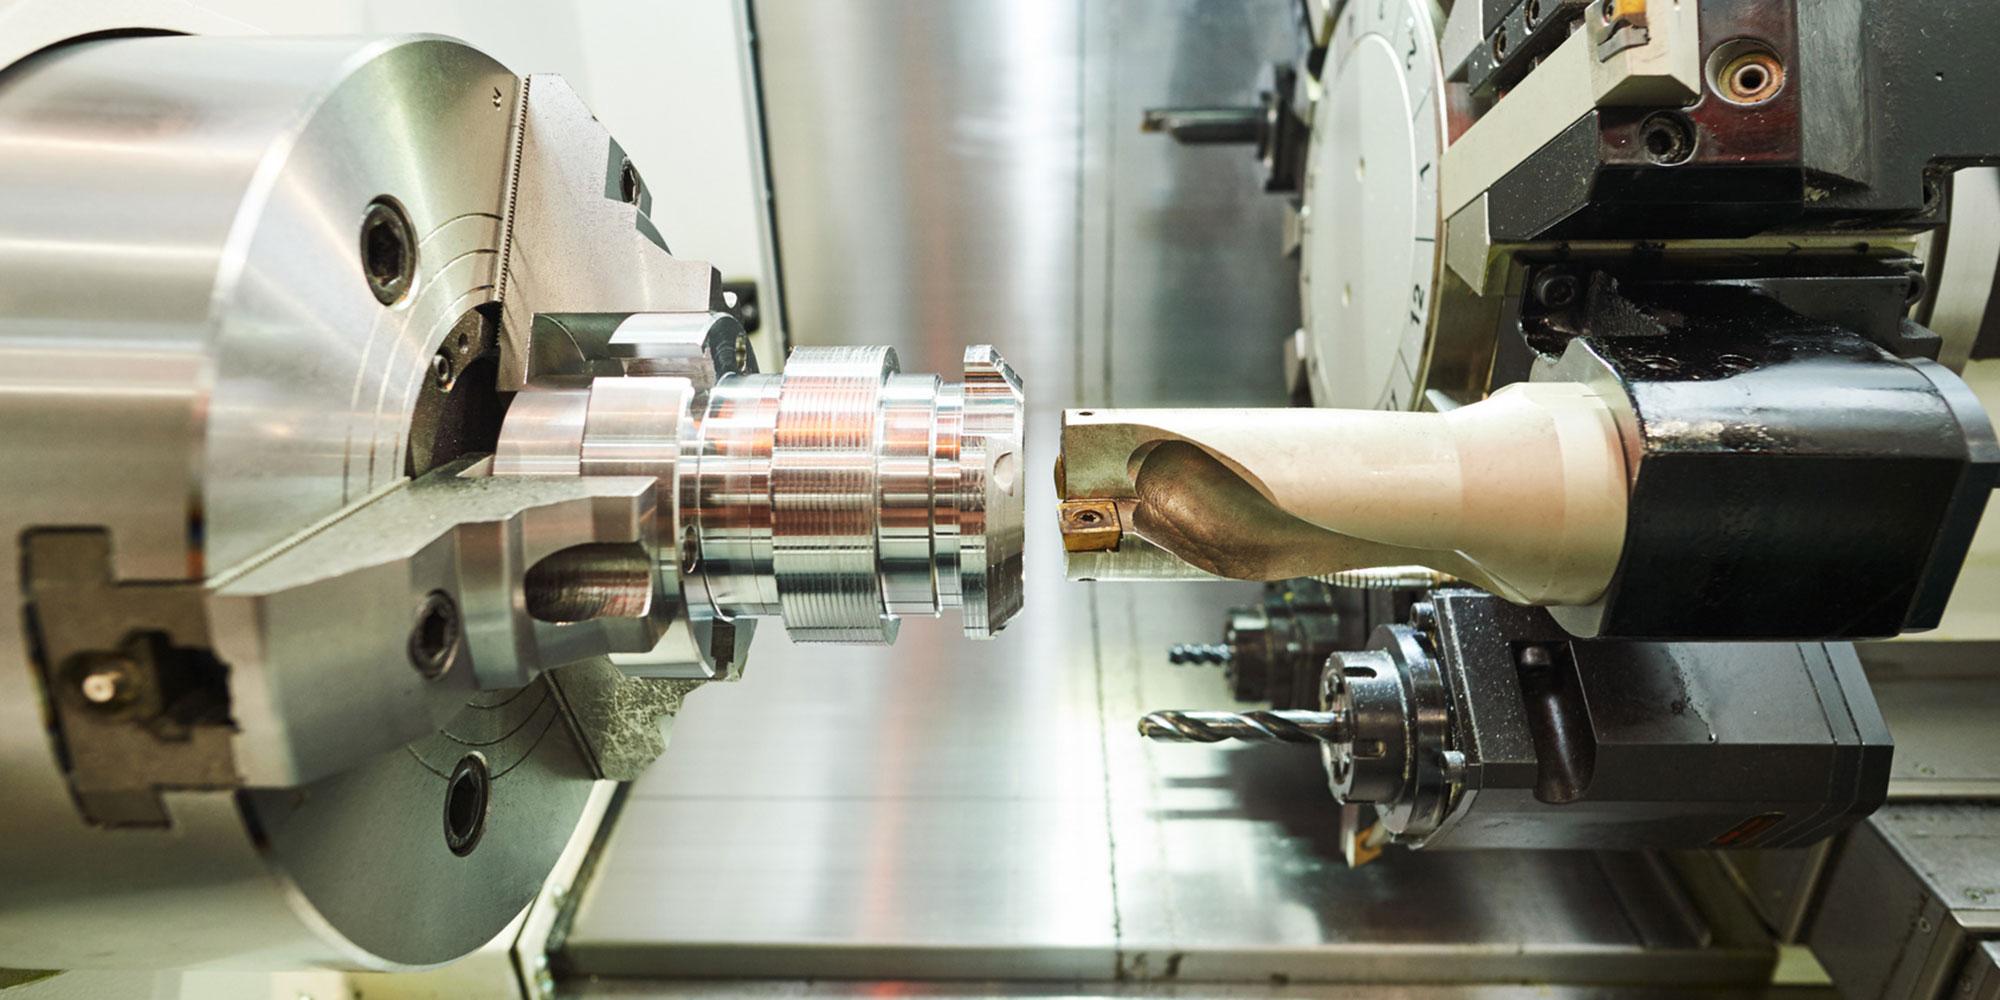 Drehteil wird angefertigt. Maschinenbauteile auf CNC Maschine